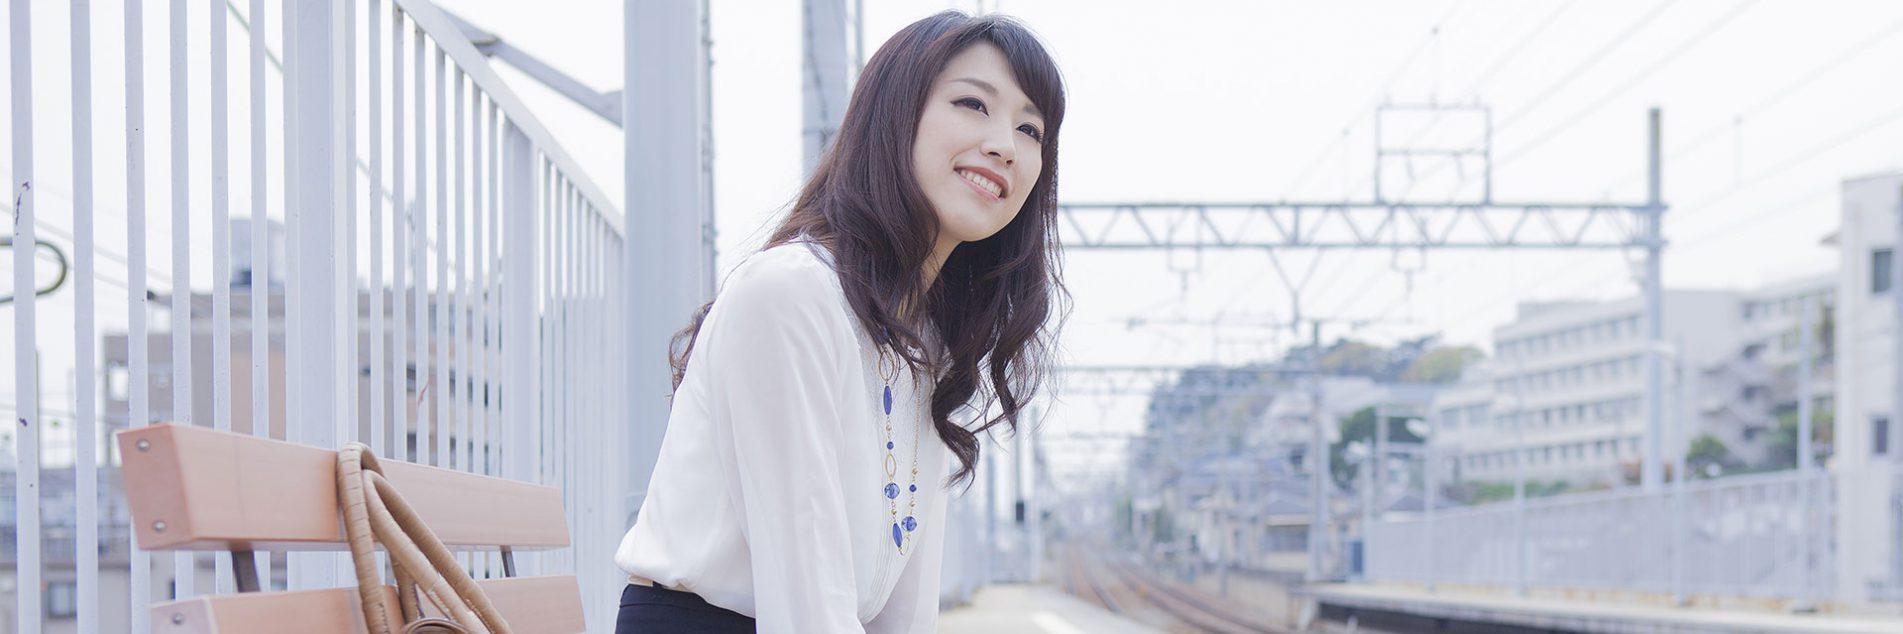 大阪の風俗・デリヘルのアルバイト求人なら【クラブレアグループ】